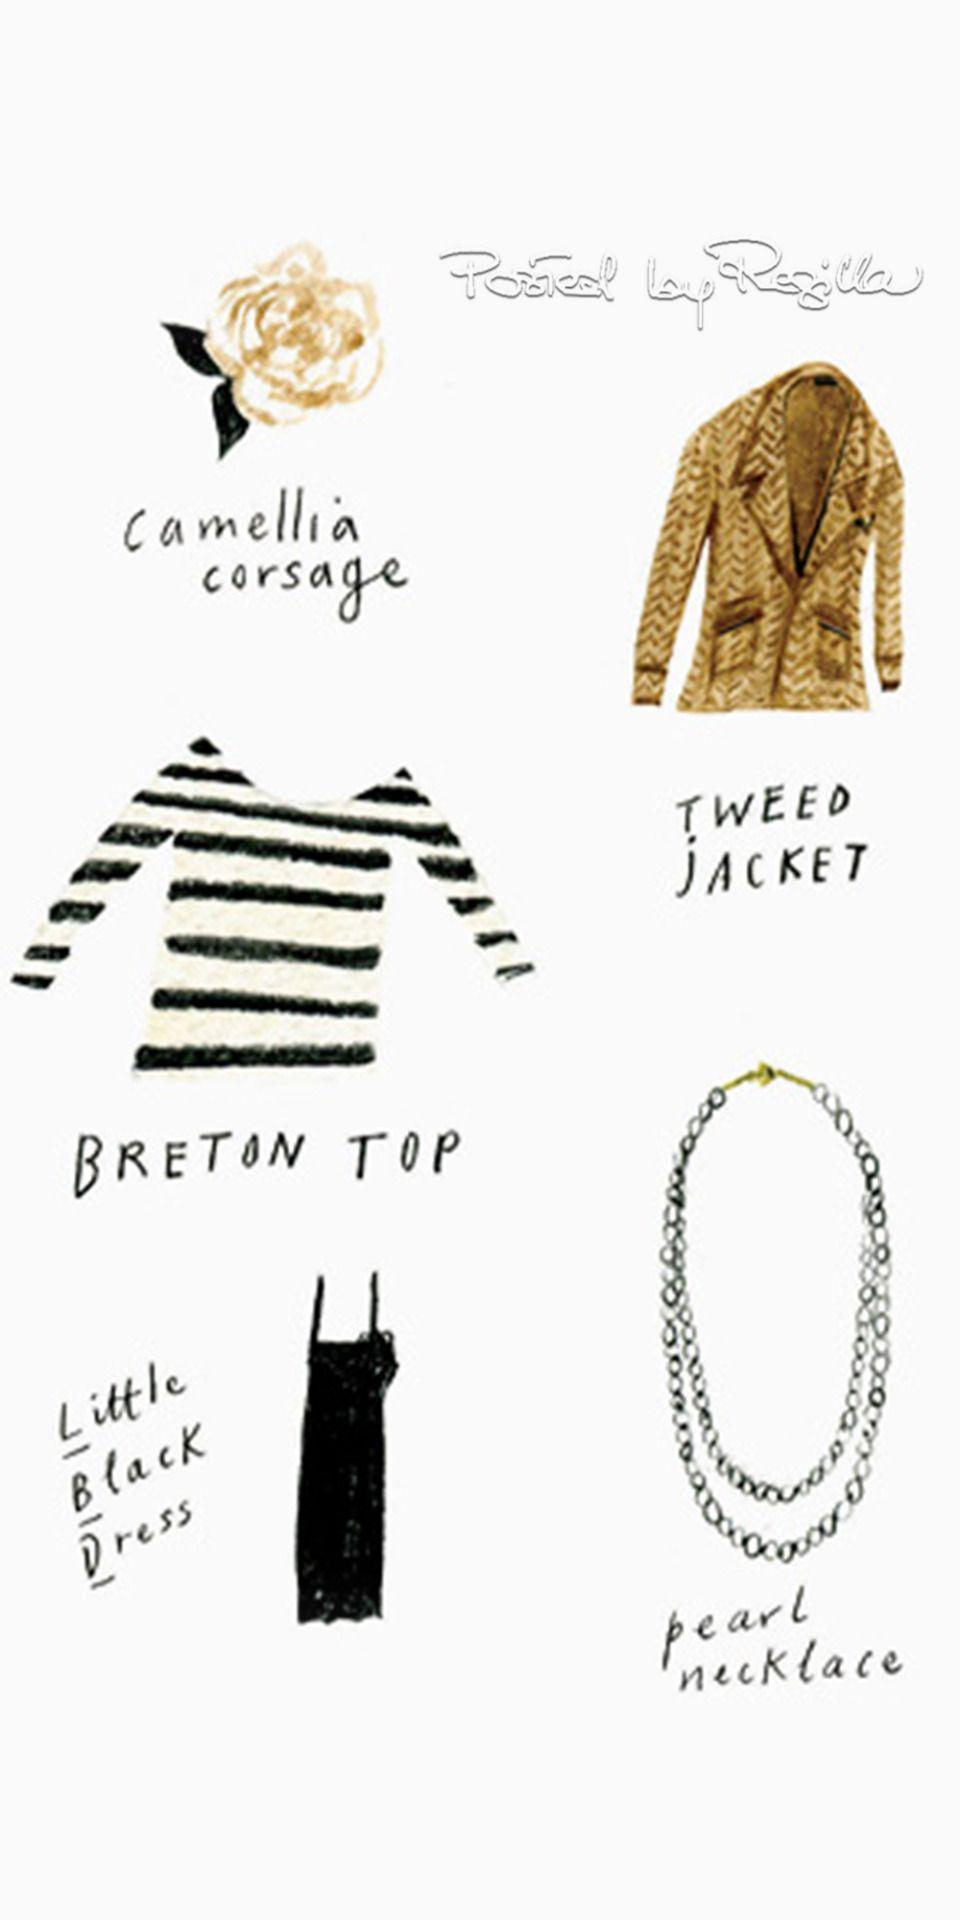 Regilla ⚜ Chanel essentials